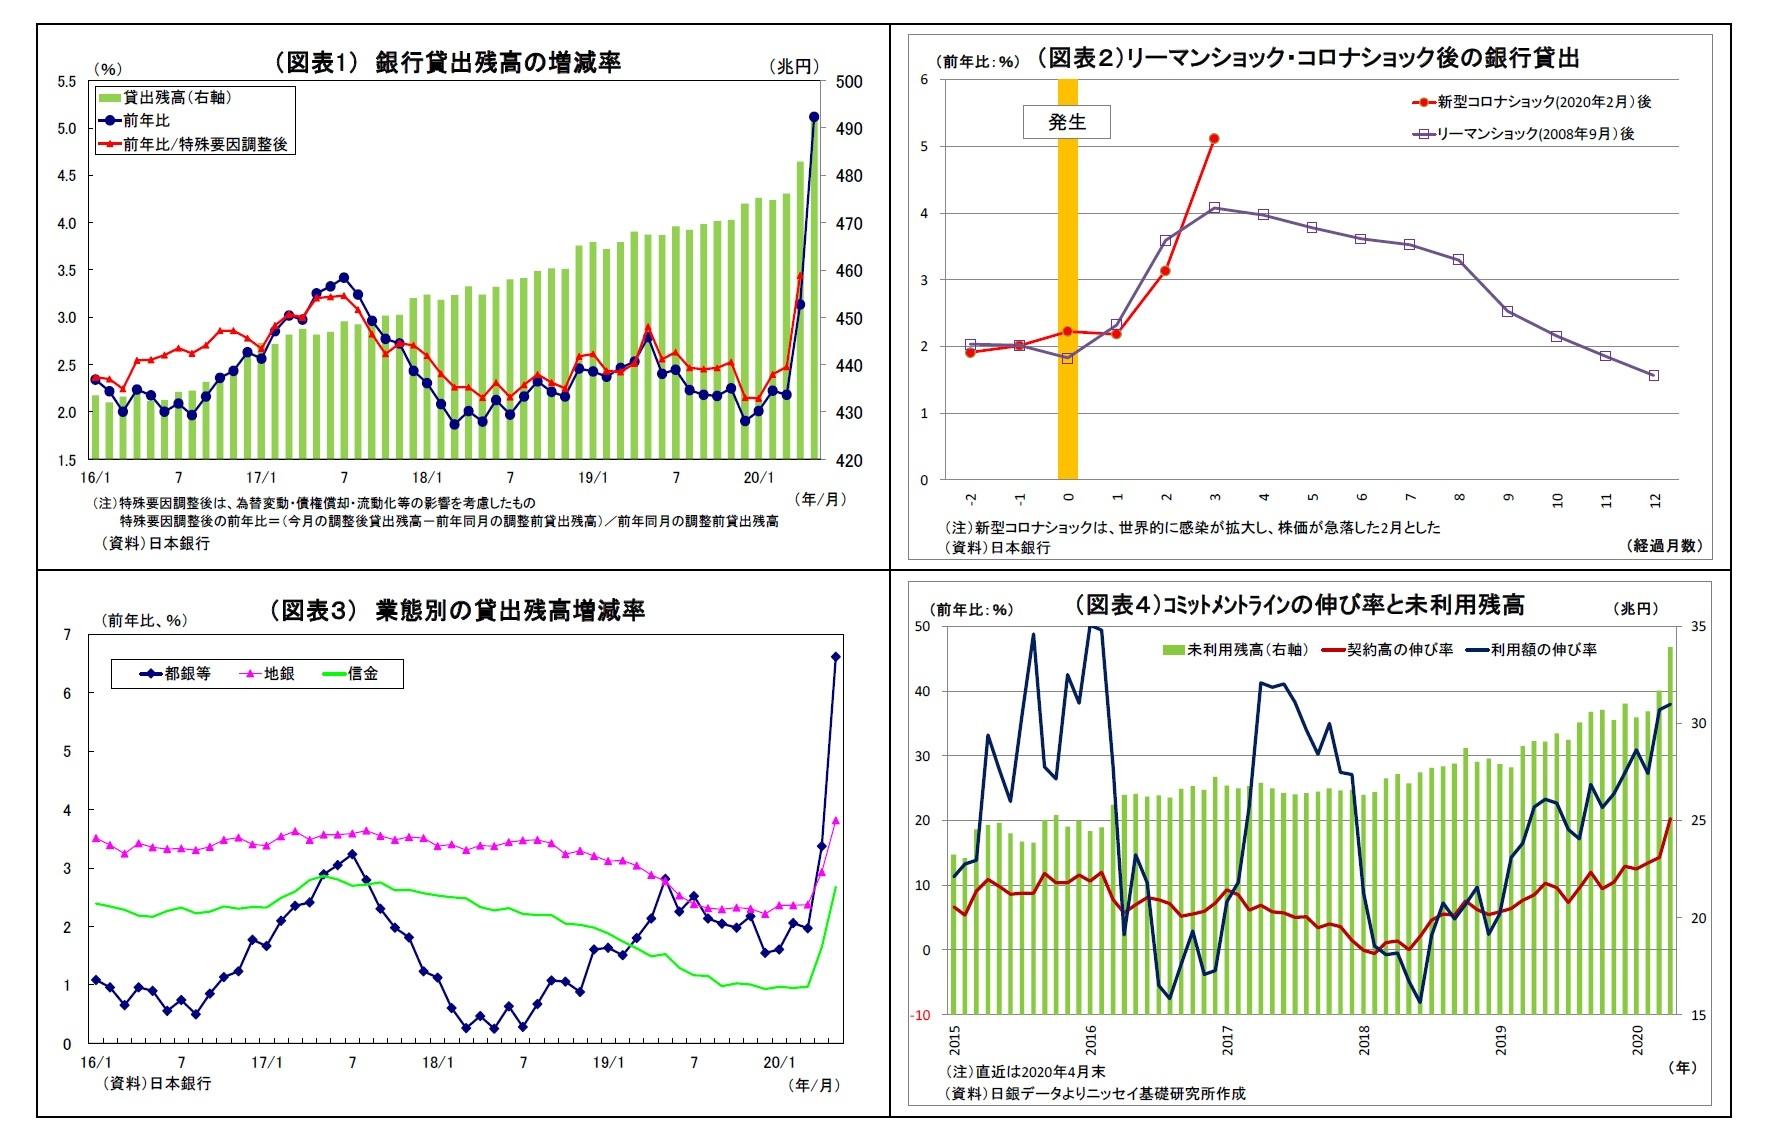 (図表1) 銀行貸出残高の増減率/(図表2)リーマンショック・コロナショック後の銀行貸出/(図表3) 業態別の貸出残高増減率/(図表4)コミットメントラインの伸び率と未利用残高